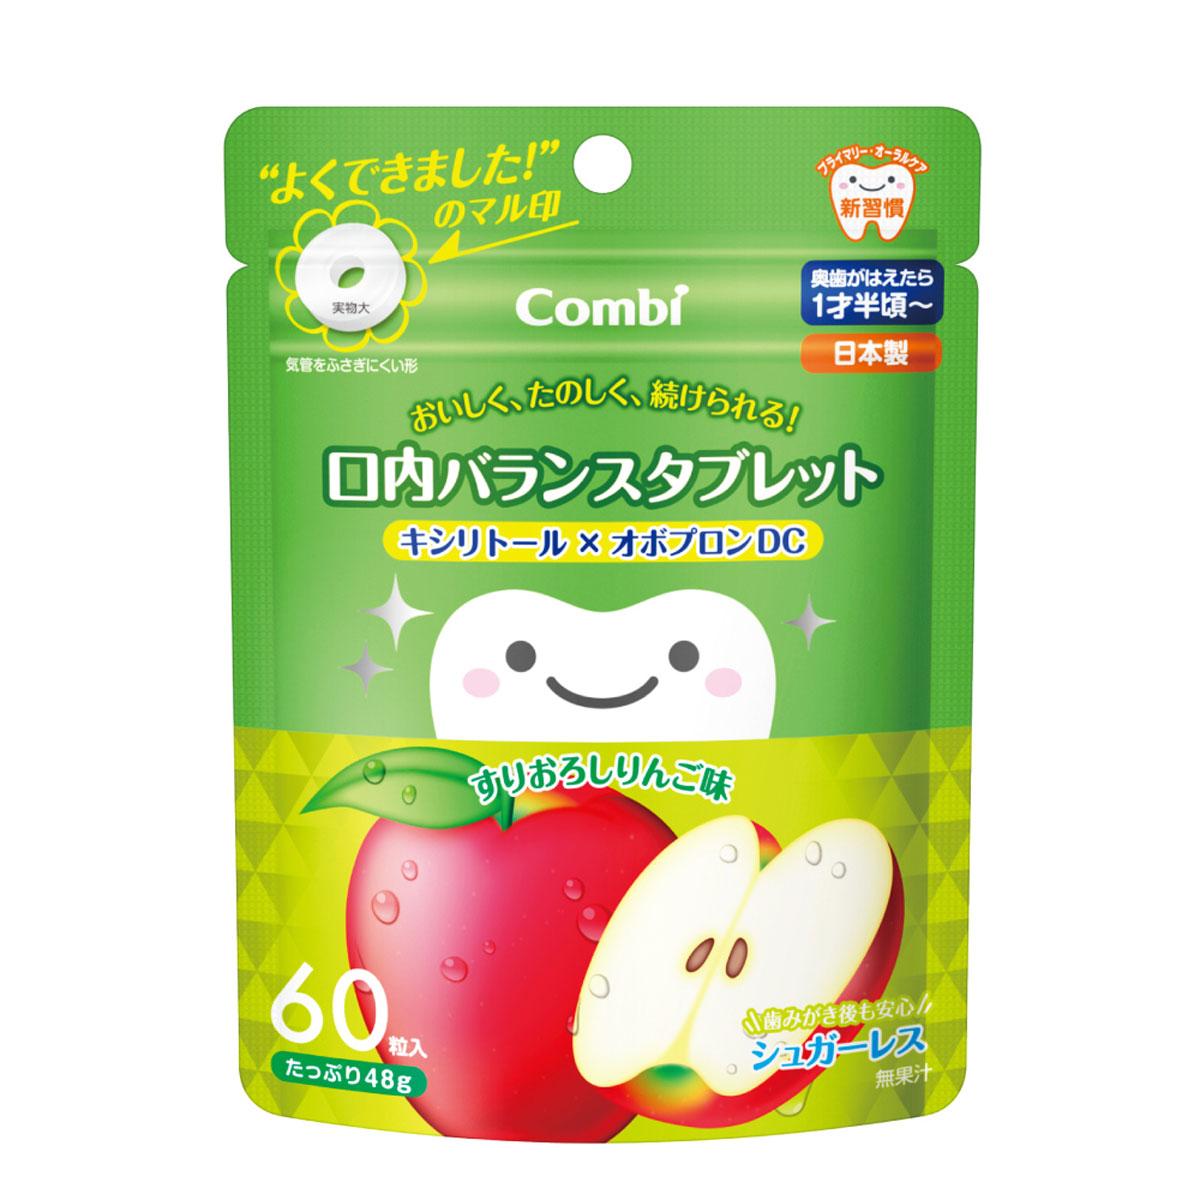 ※コンビ テテオ 口内バランスタブレットキシリトール×オボプロンDC すりおろしりんご味 60粒入